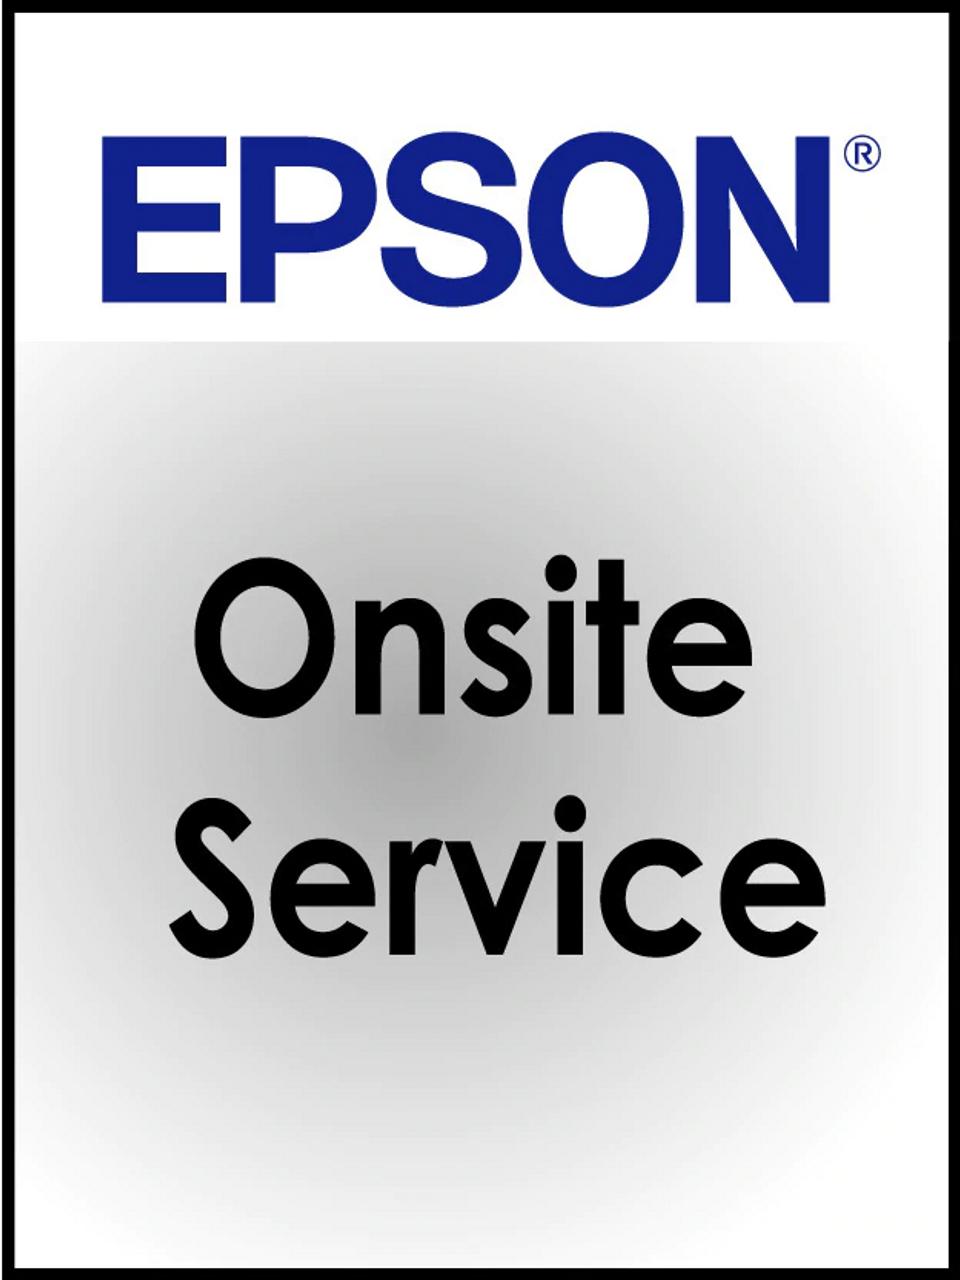 Epson TM-C7500/TM-C7500G One Year Onsite Warranty Upgrade/Year (OSTME-I)